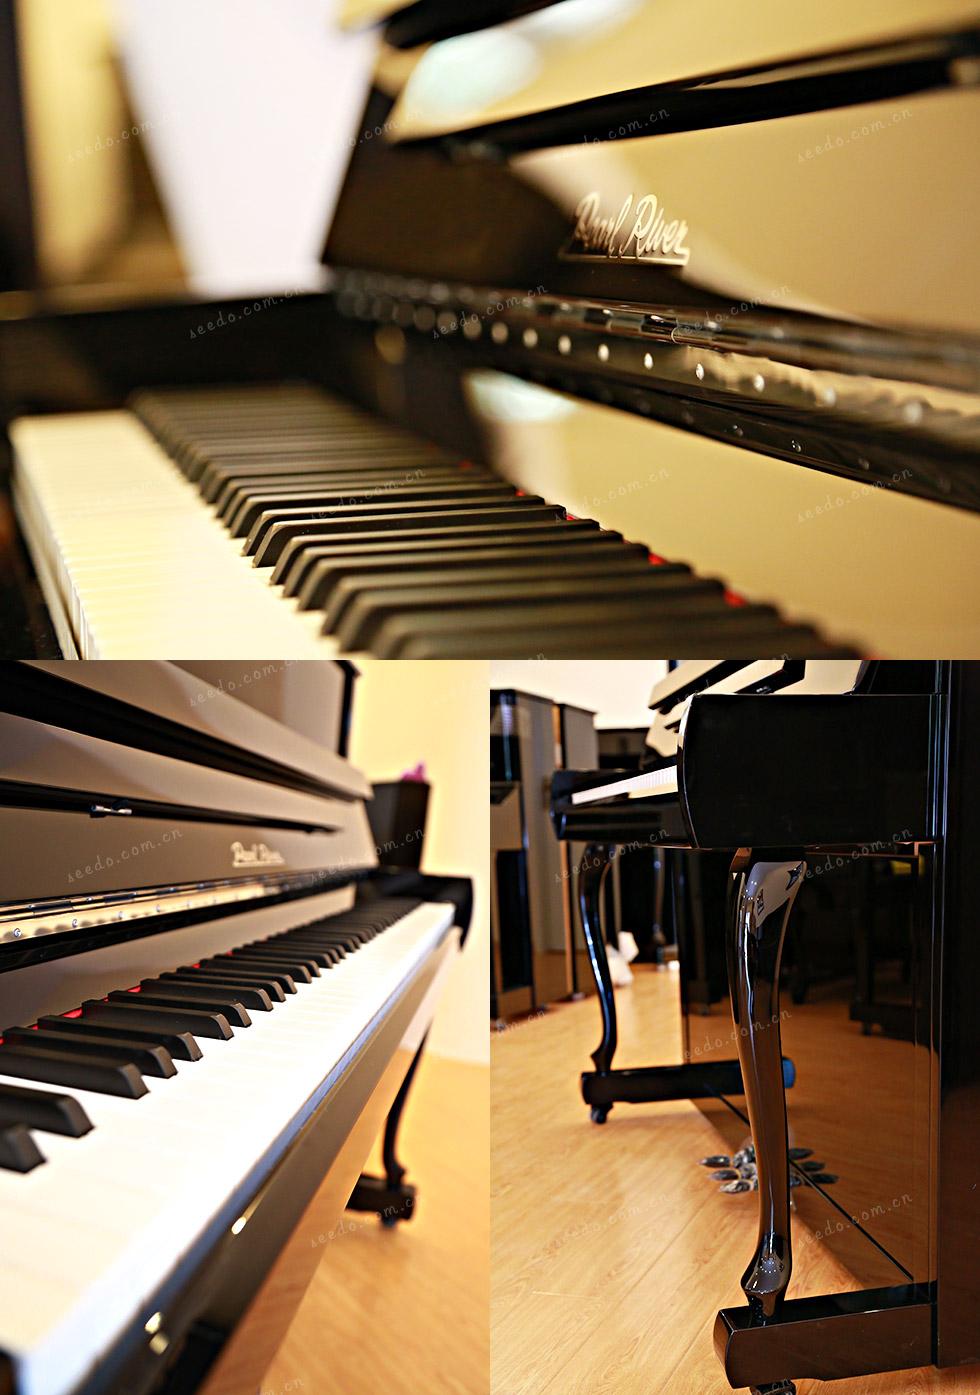 珠江JY122钢琴的工艺细节